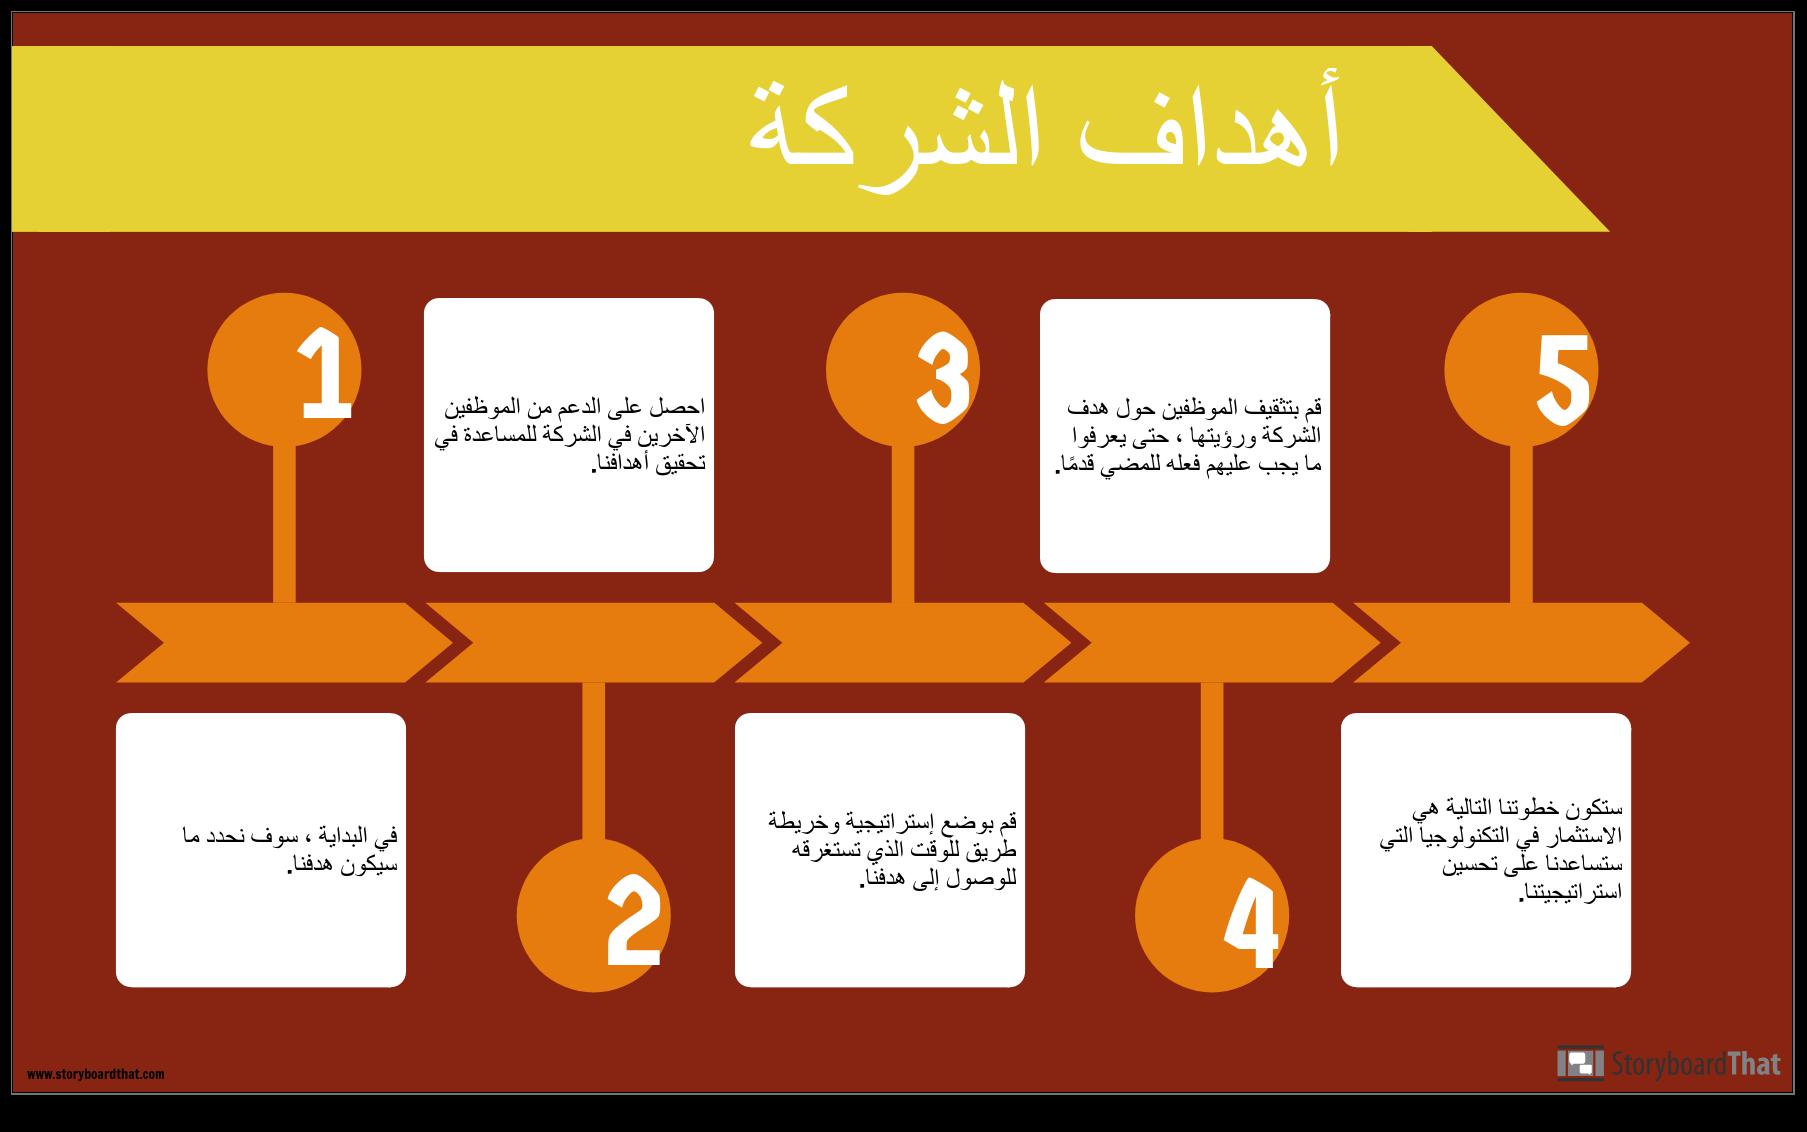 الأهداف أمثلة